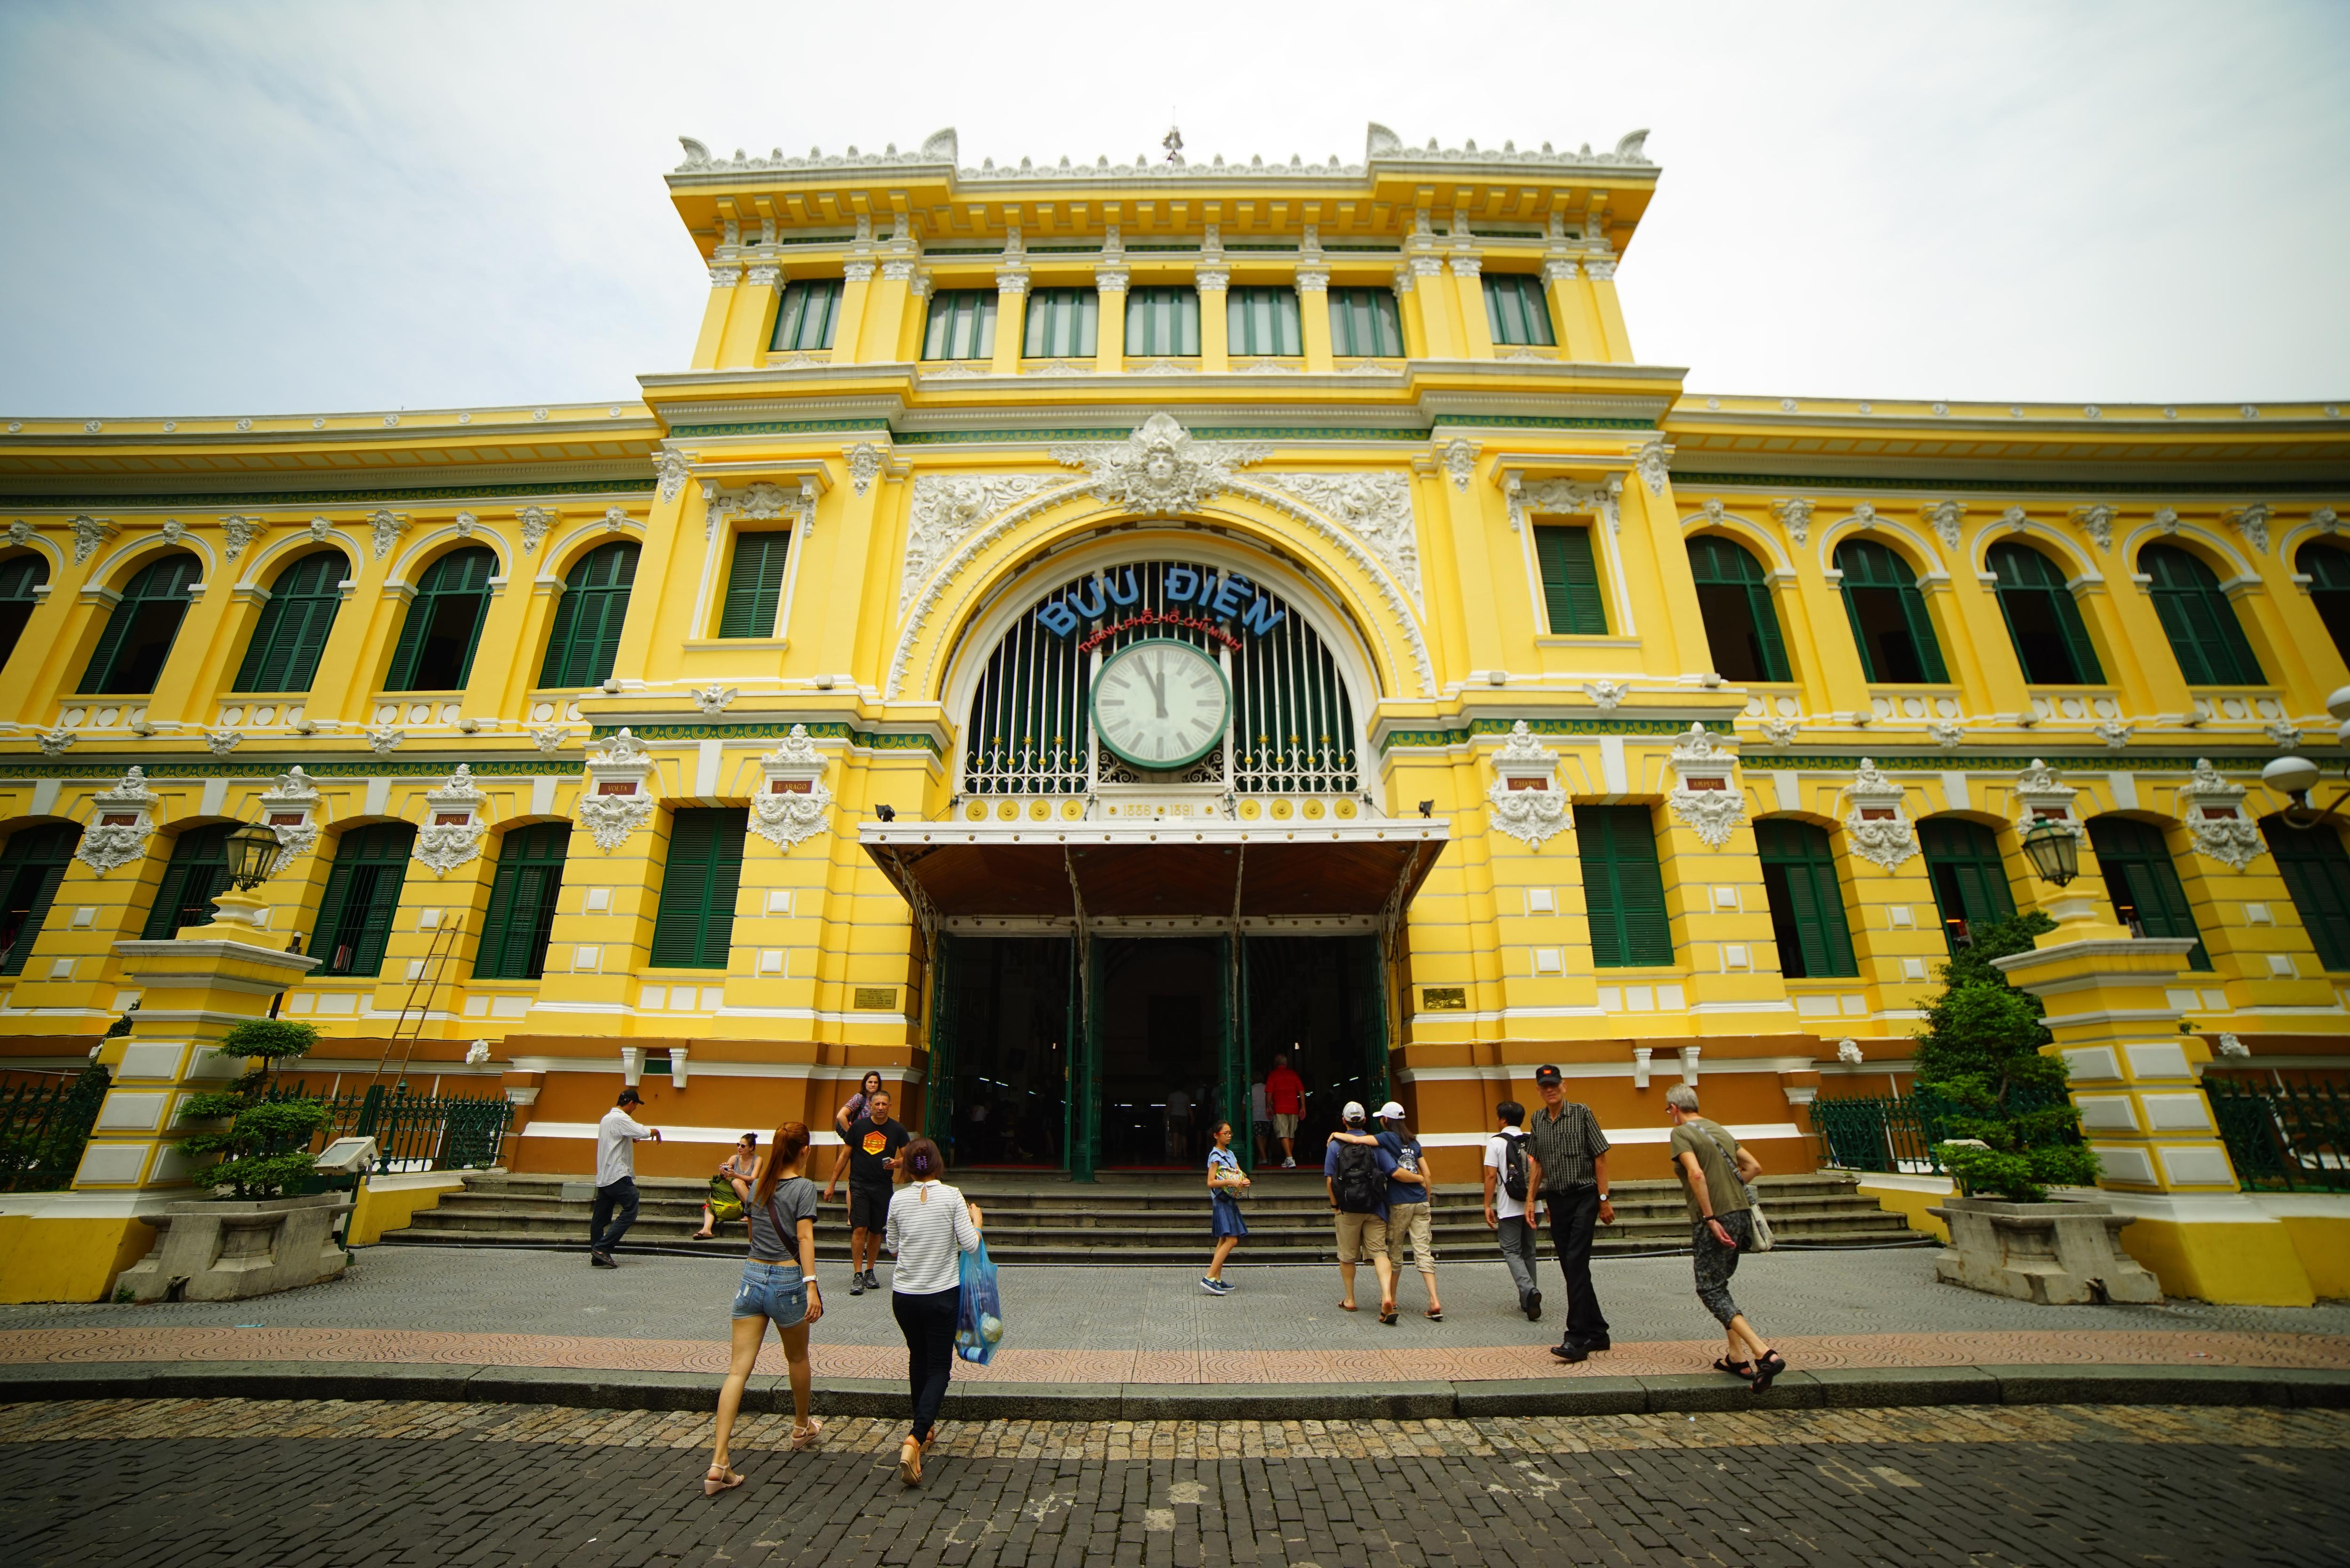 中央邮局  Central Post Office   -2